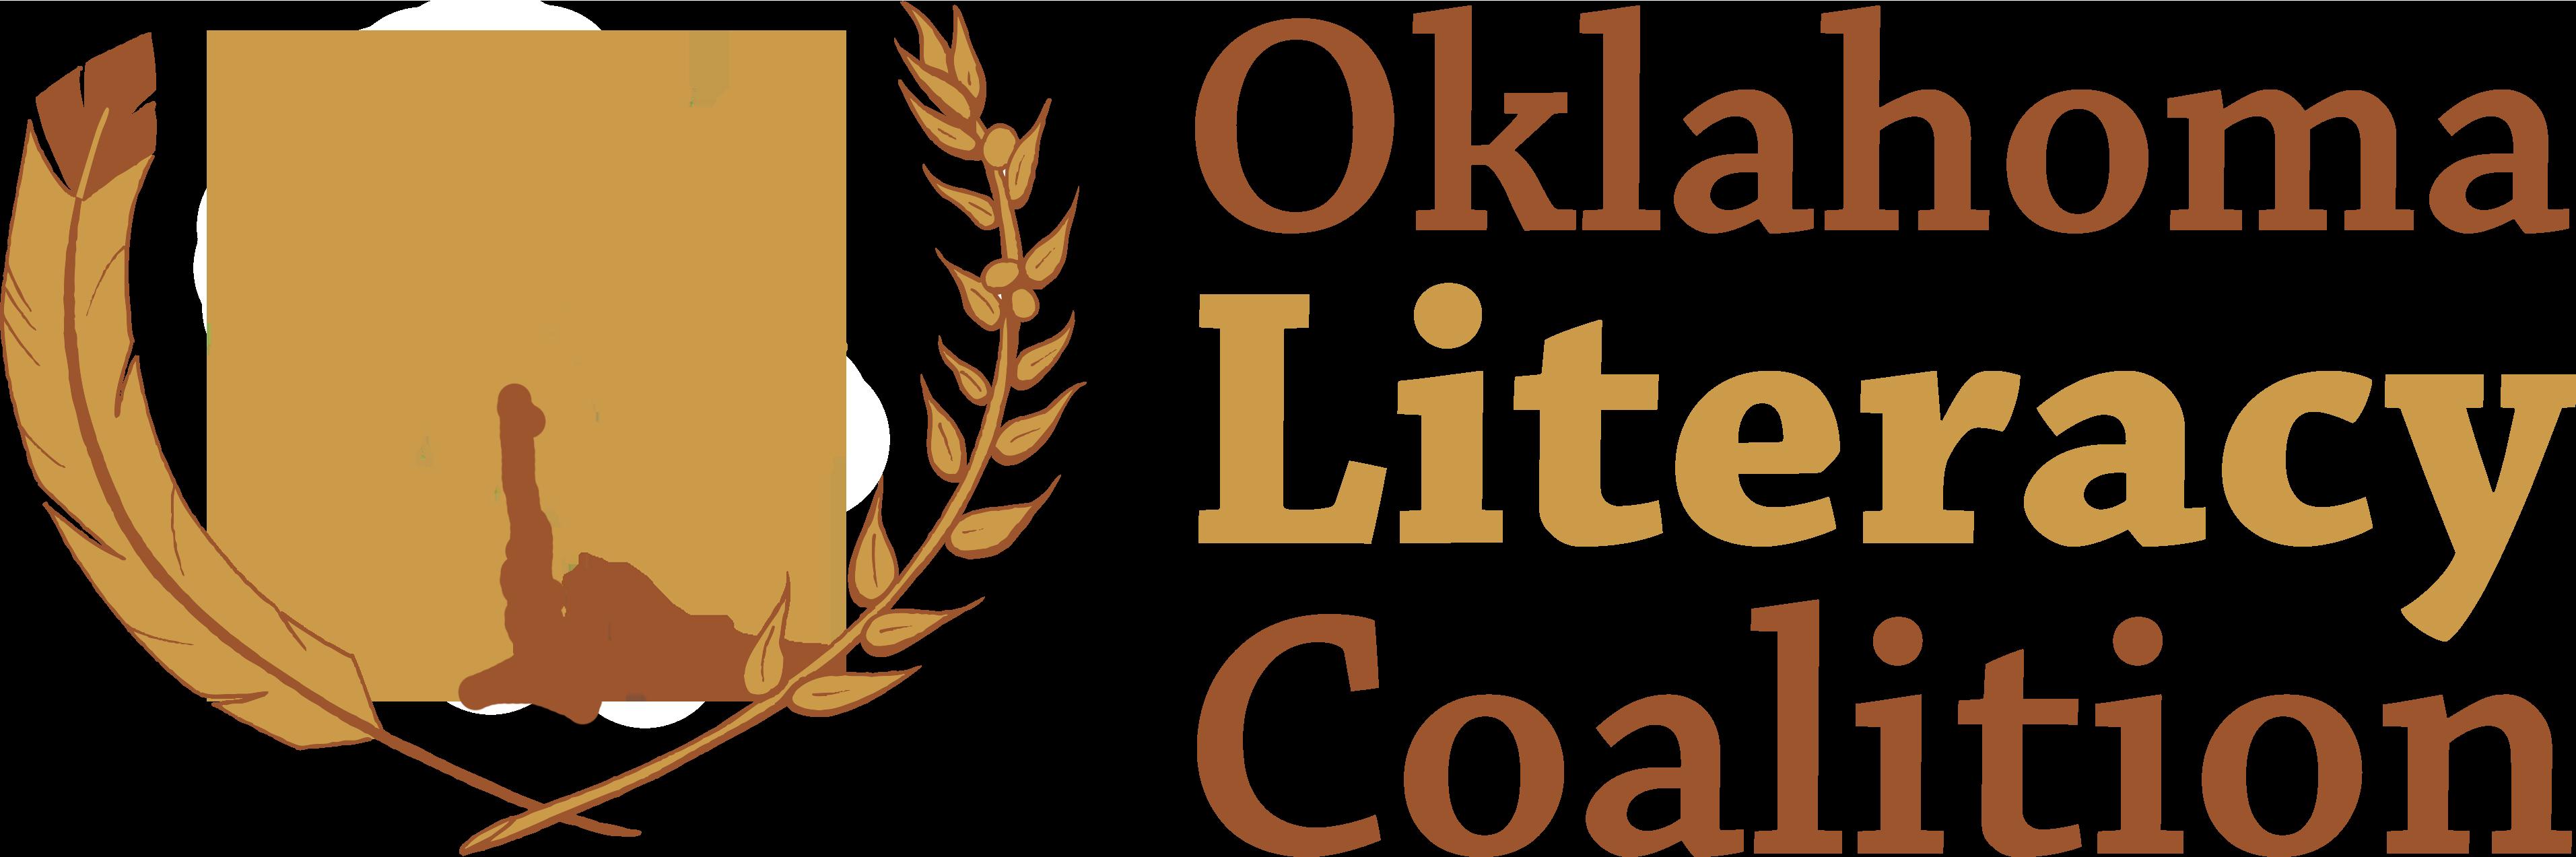 Oklahoma Literacy Coalition